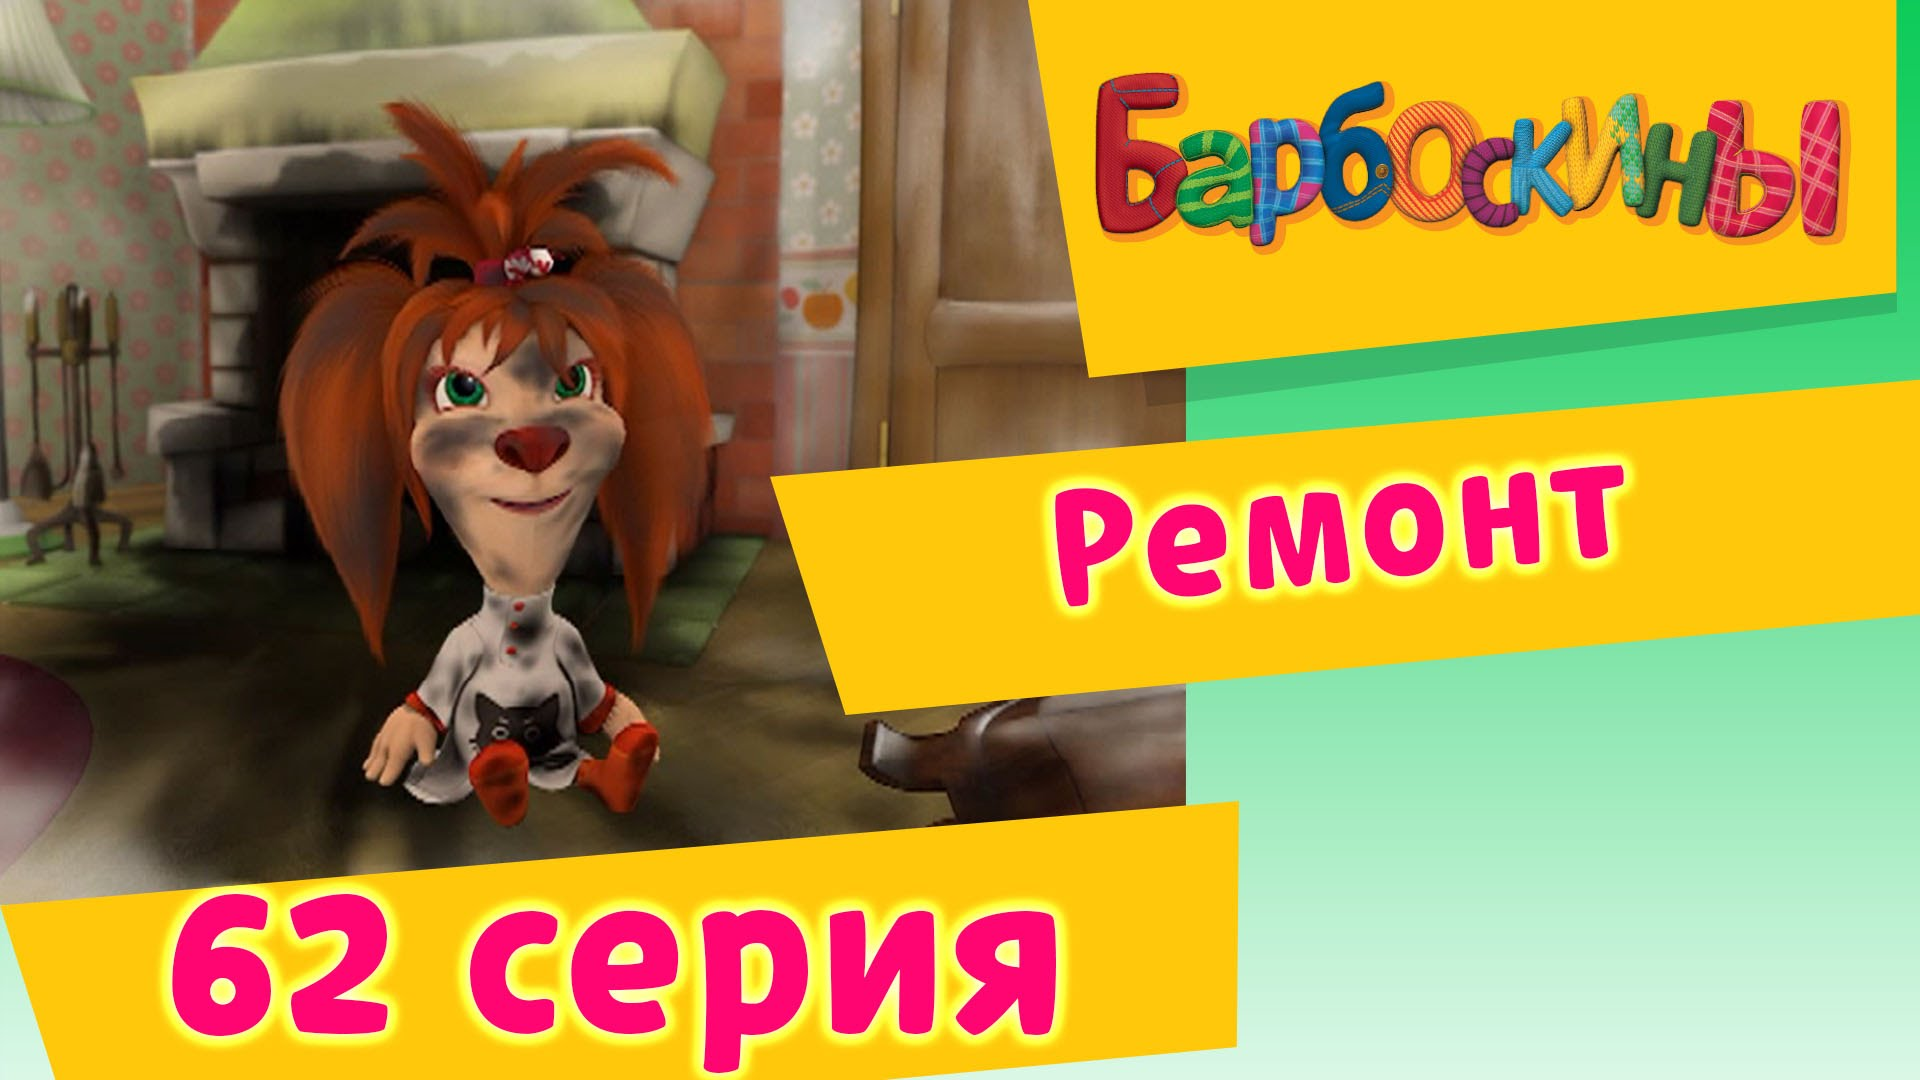 Барбоскины — 62 Серия. Ремонт